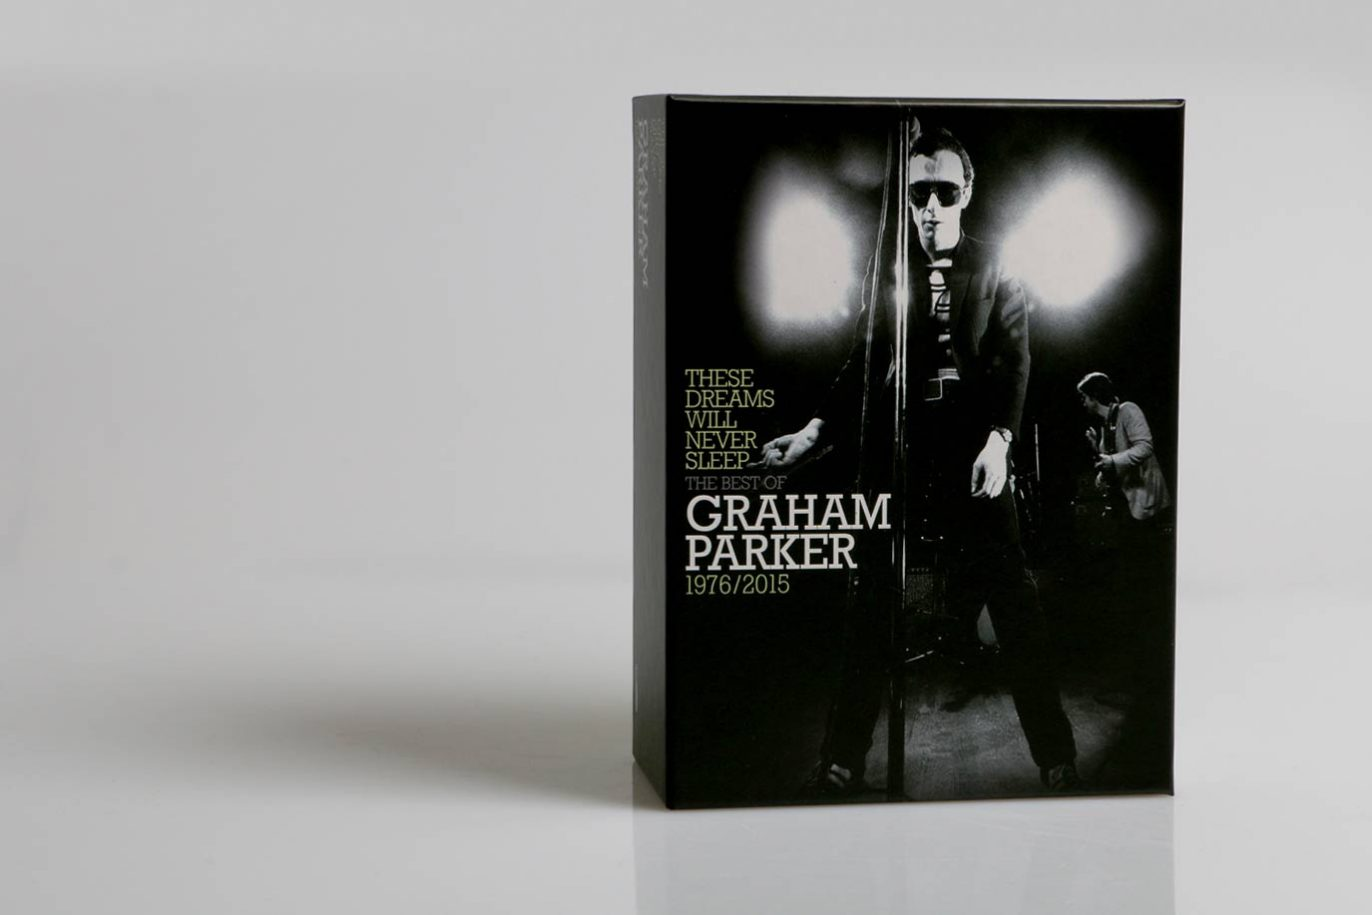 Graham Parker